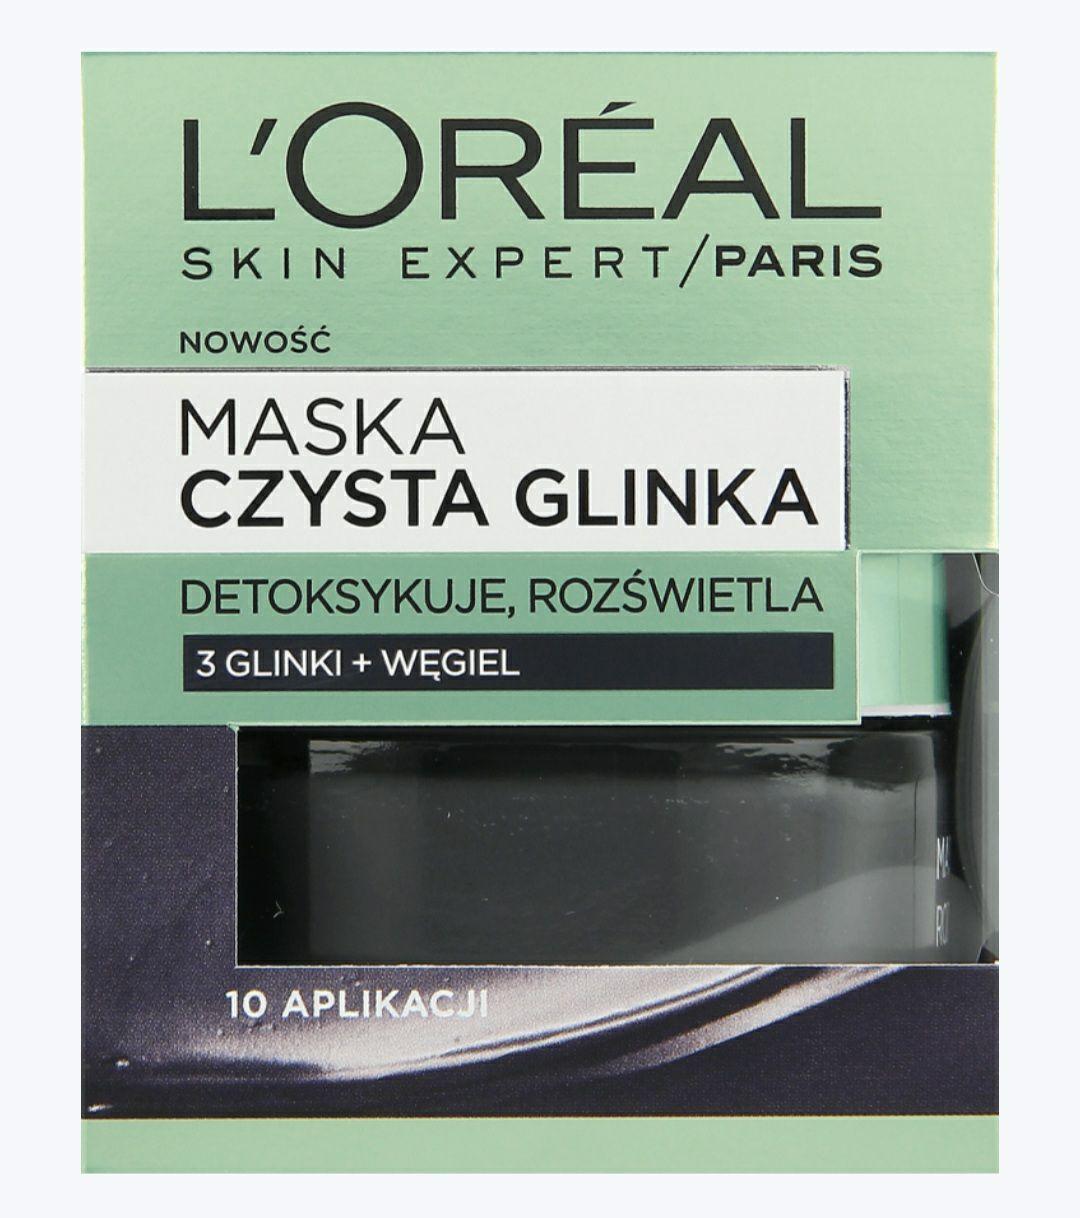 Rossmann Maska do twarzy Loreal detoksykująco-rozświetlająca